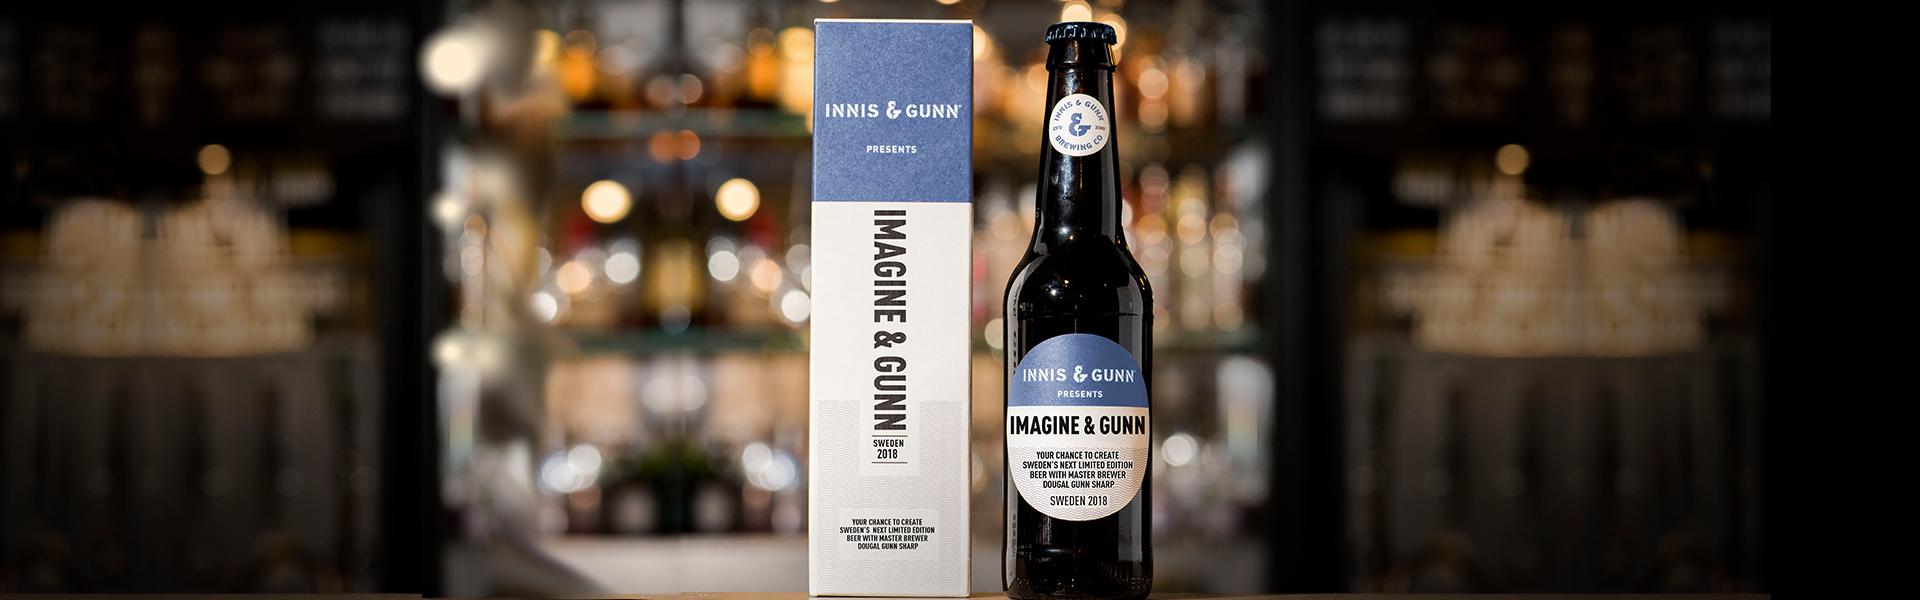 Imagine & Gunn – var med och ta fram nästa limited edition från Innis & Gunn.